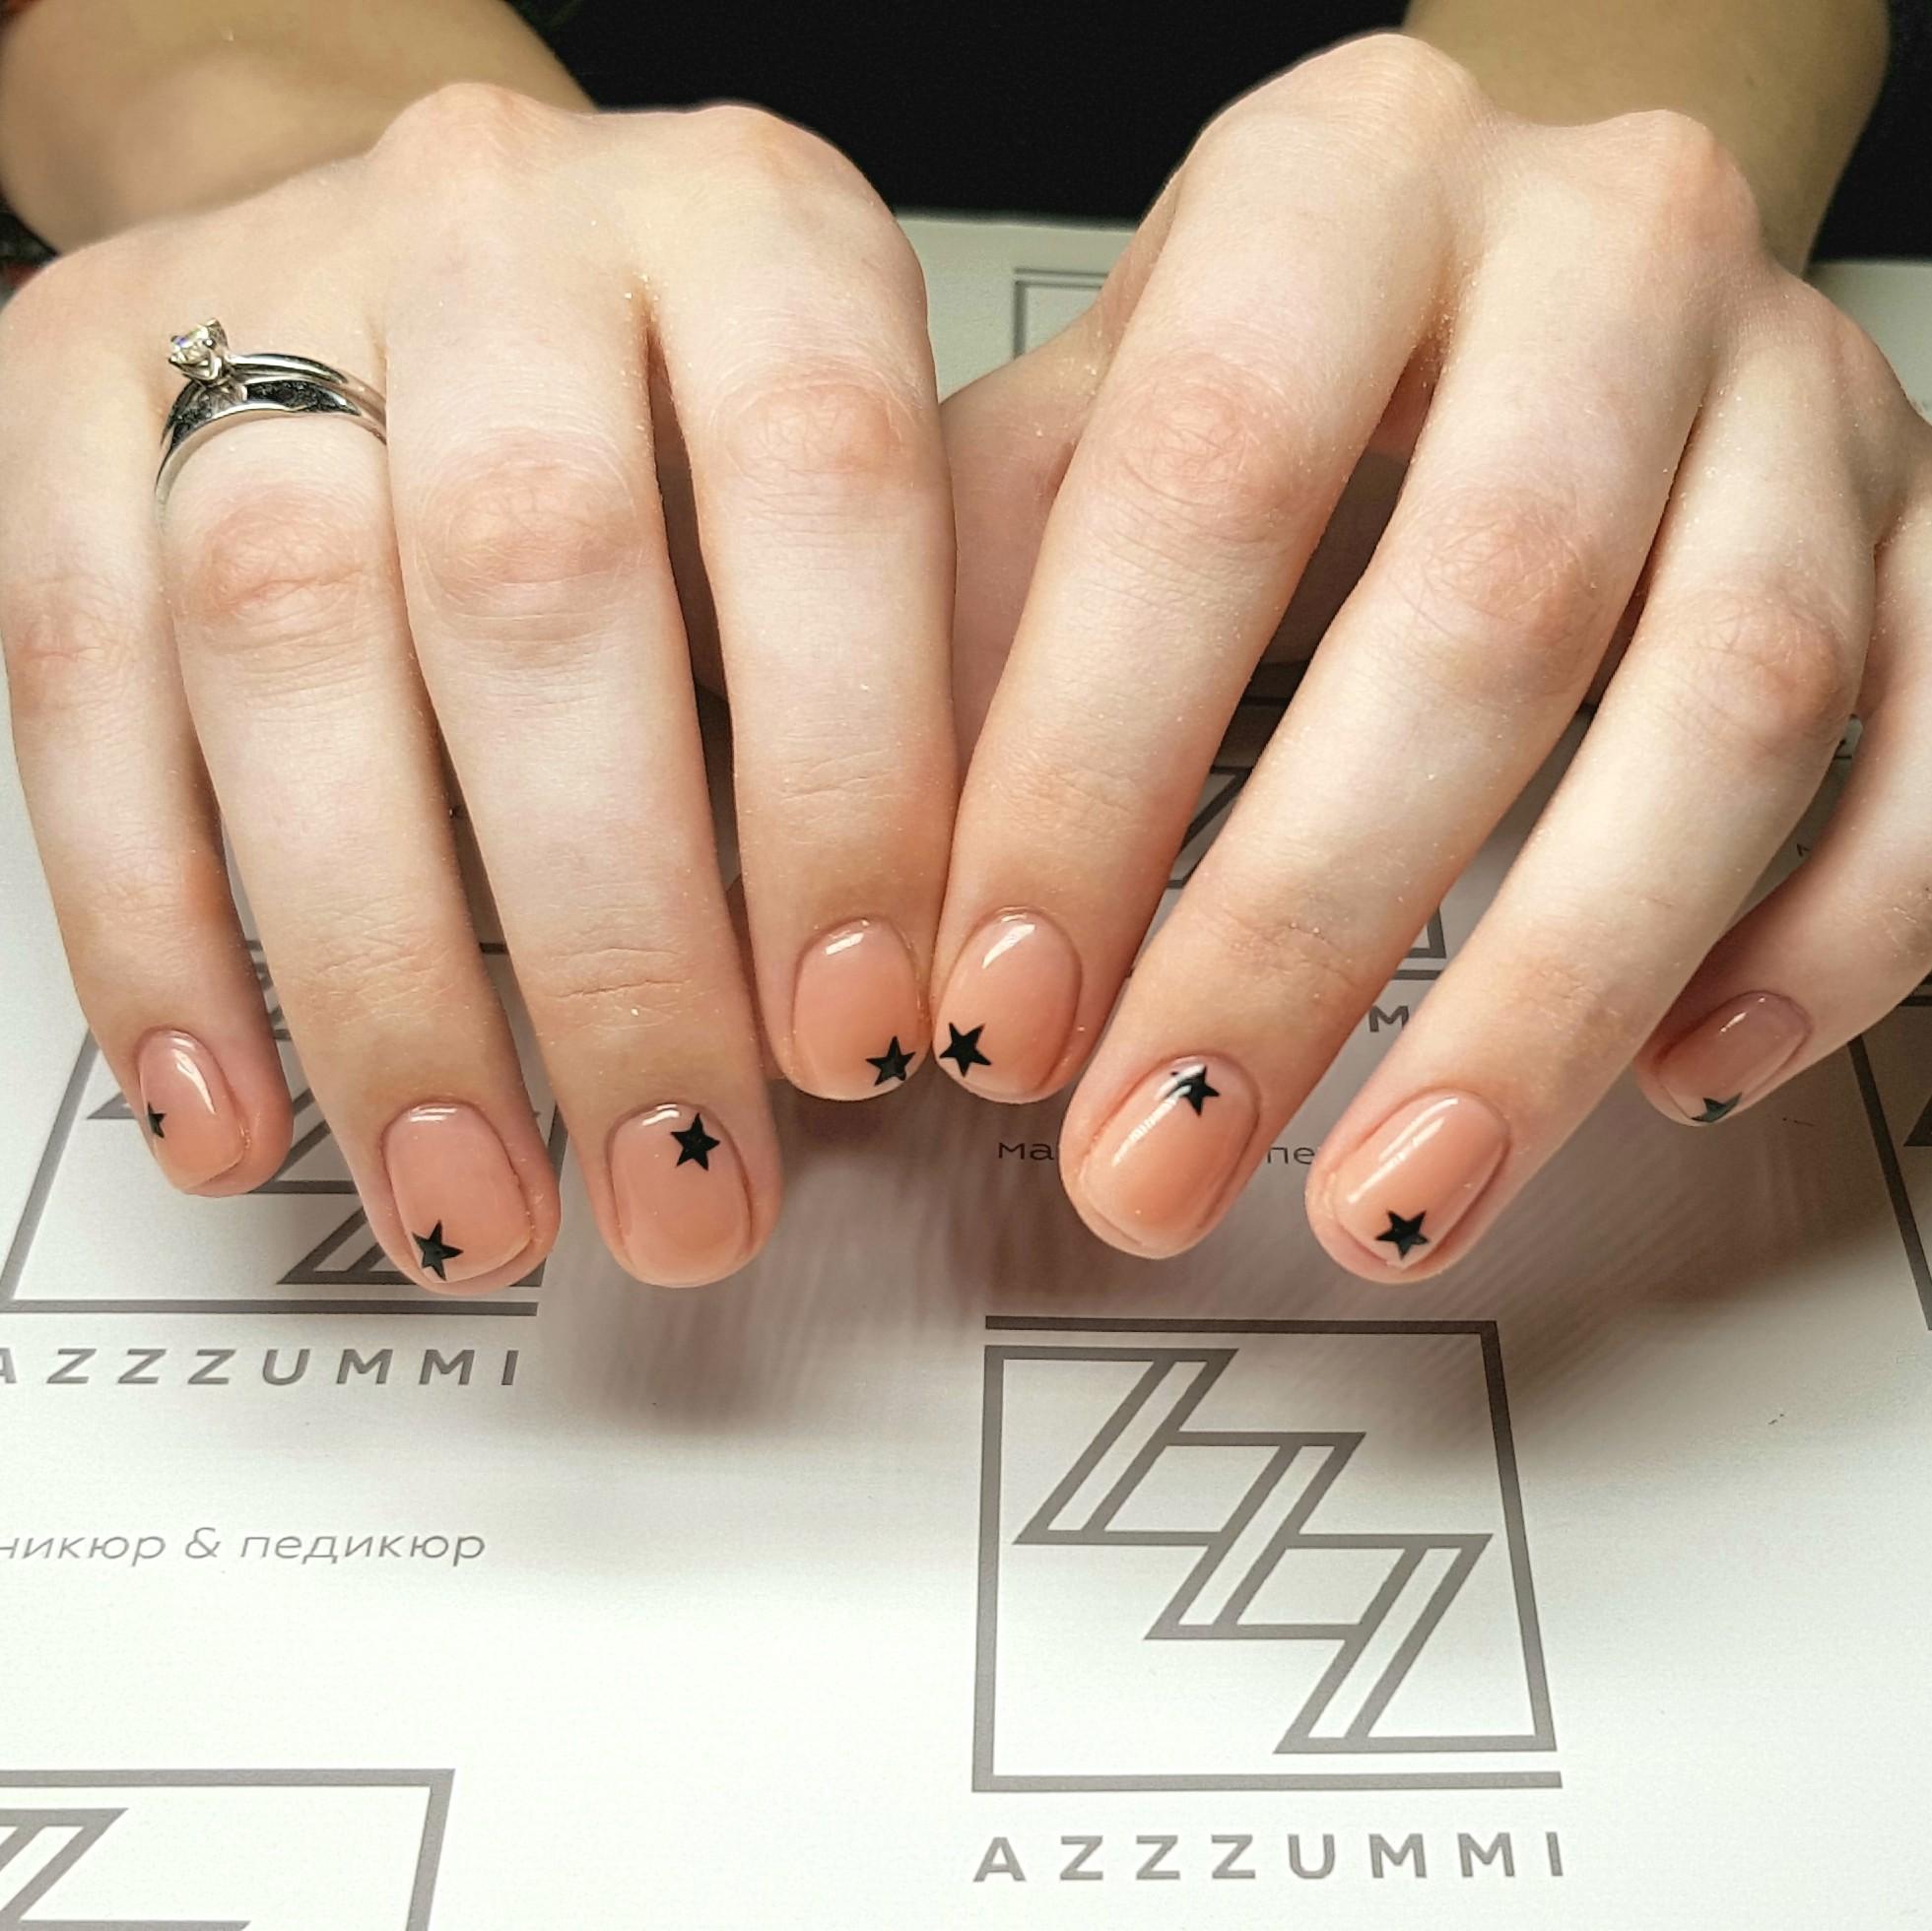 Azzzummi_nails_ 1905_звезды